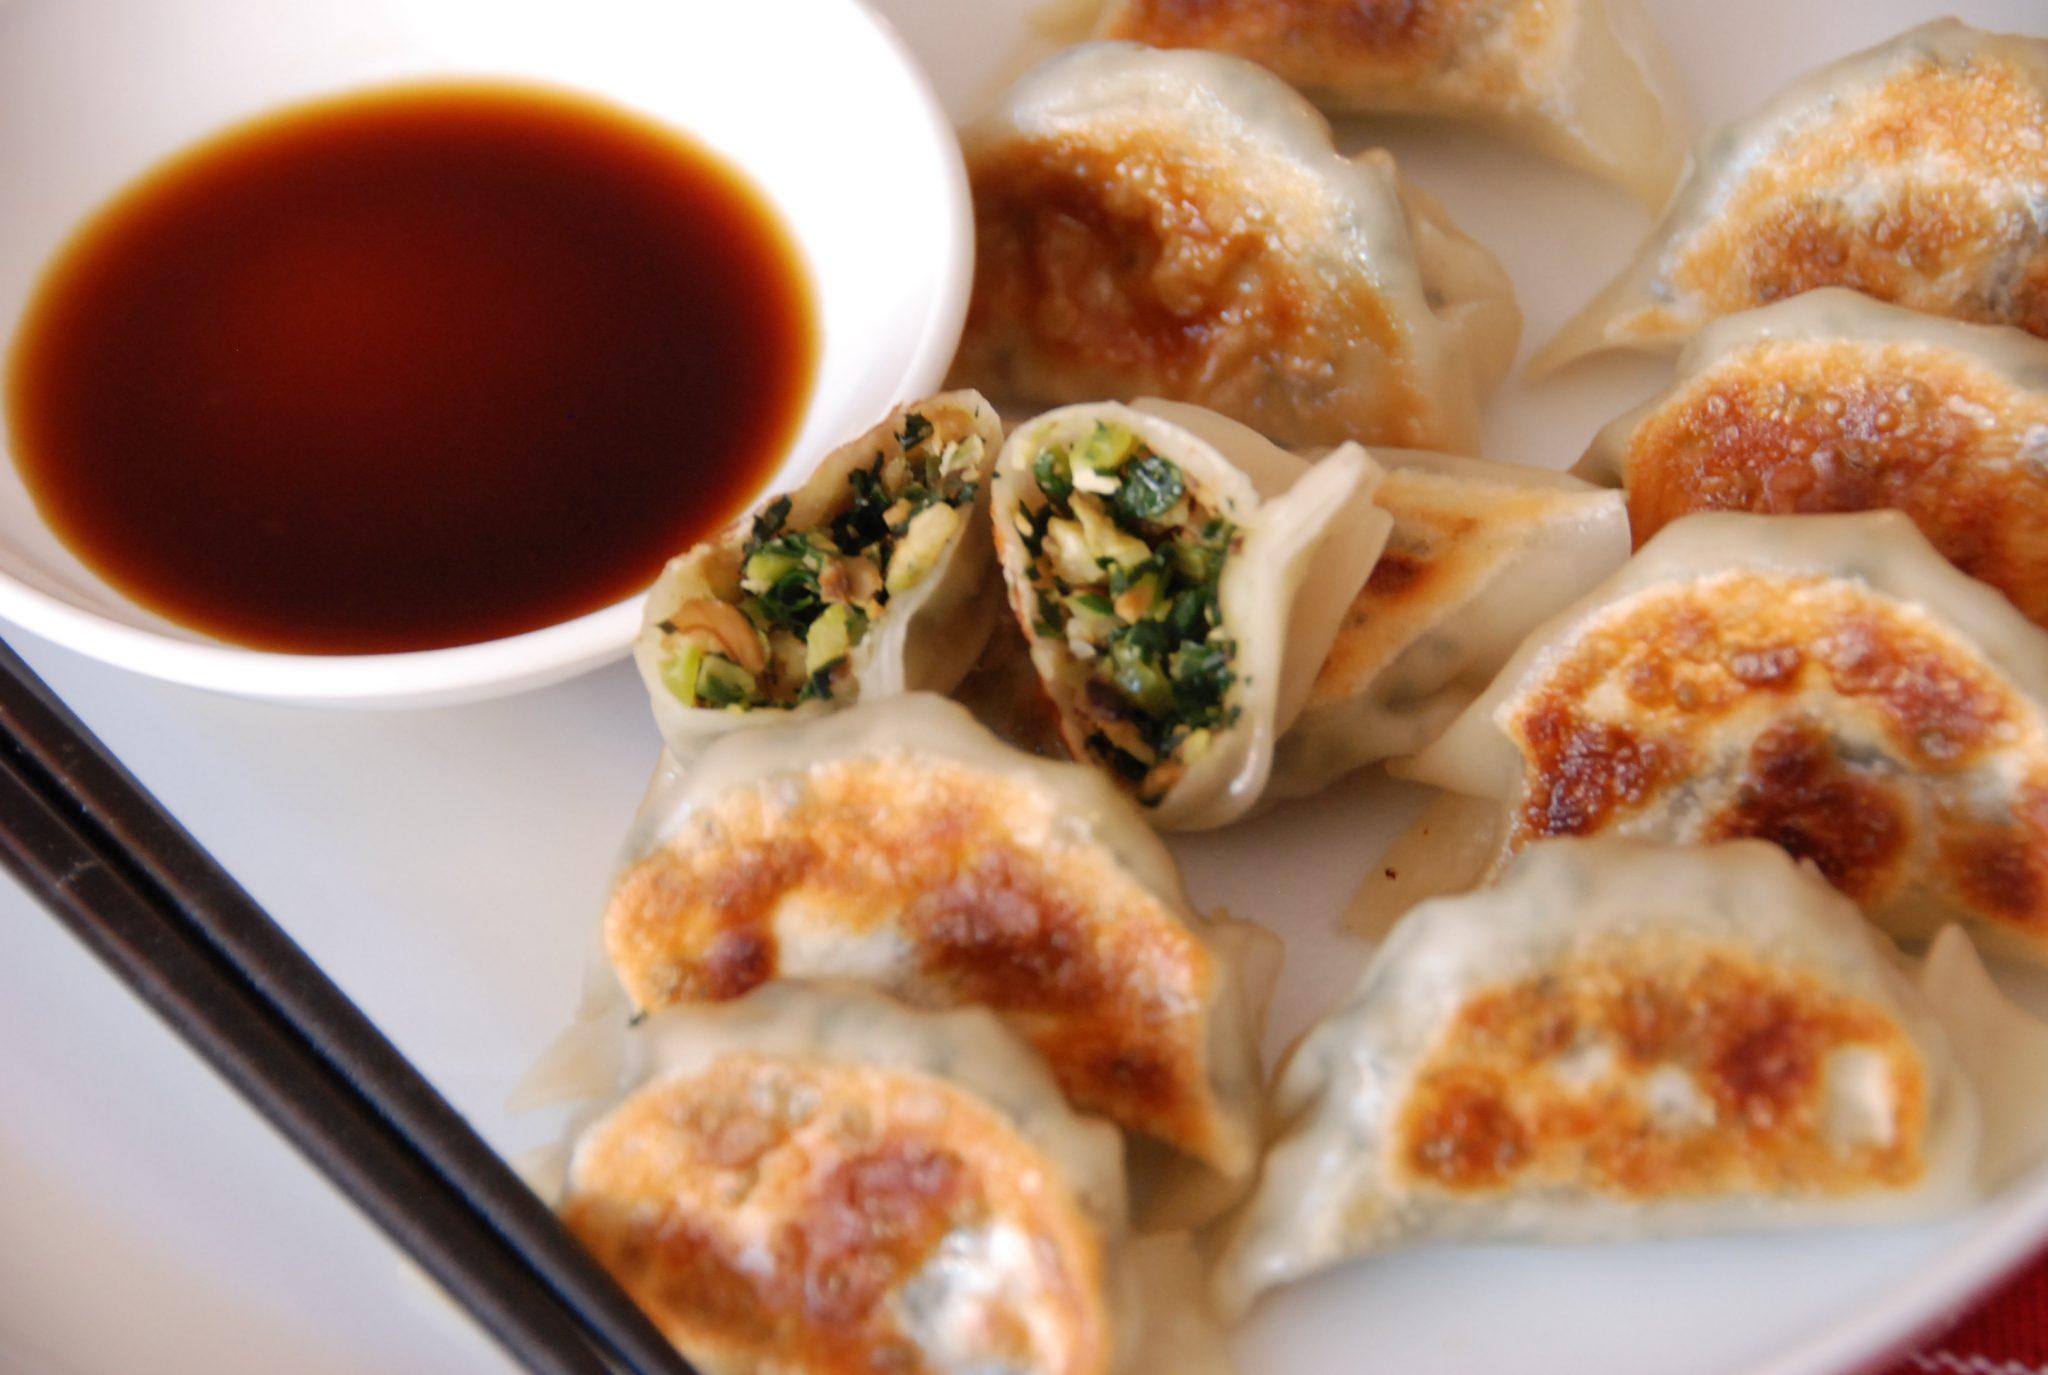 gyoza class sydney-vegetarian-cookingclass-vegan-glutenfree-cookingschool